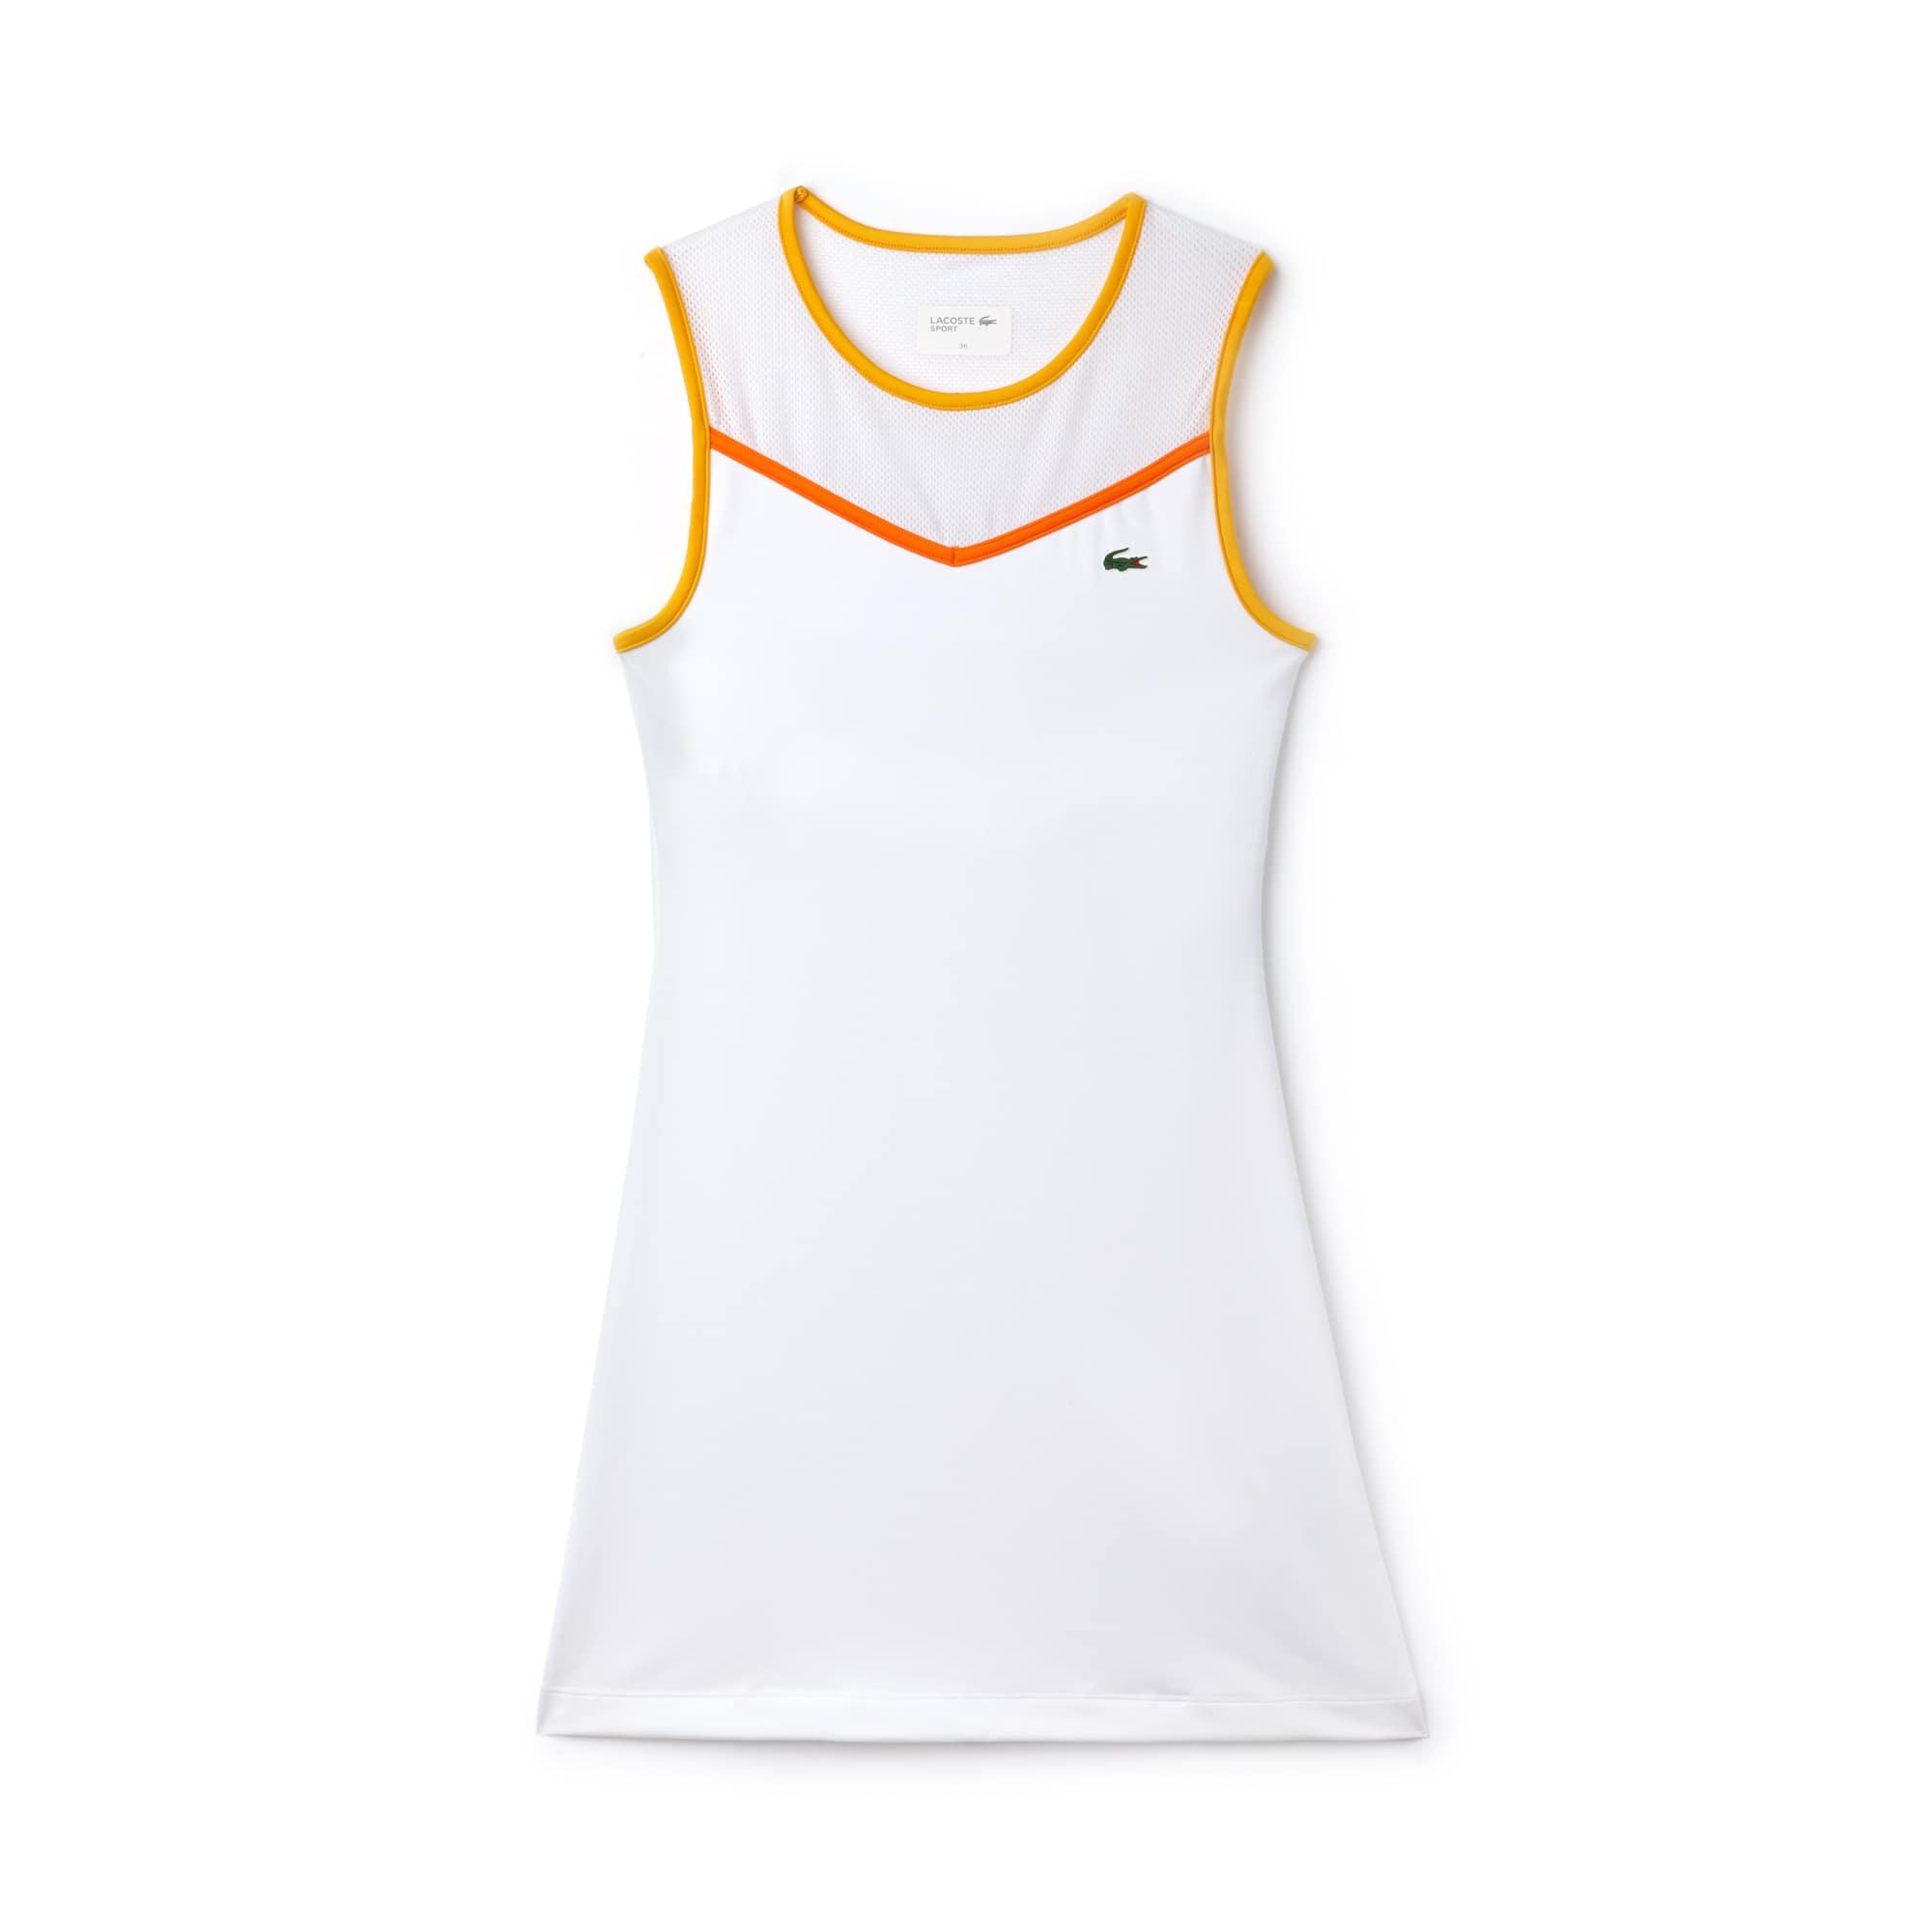 Abito con dorso a vogatore Tennis Lacoste SPORT in jersey tecnico e rete